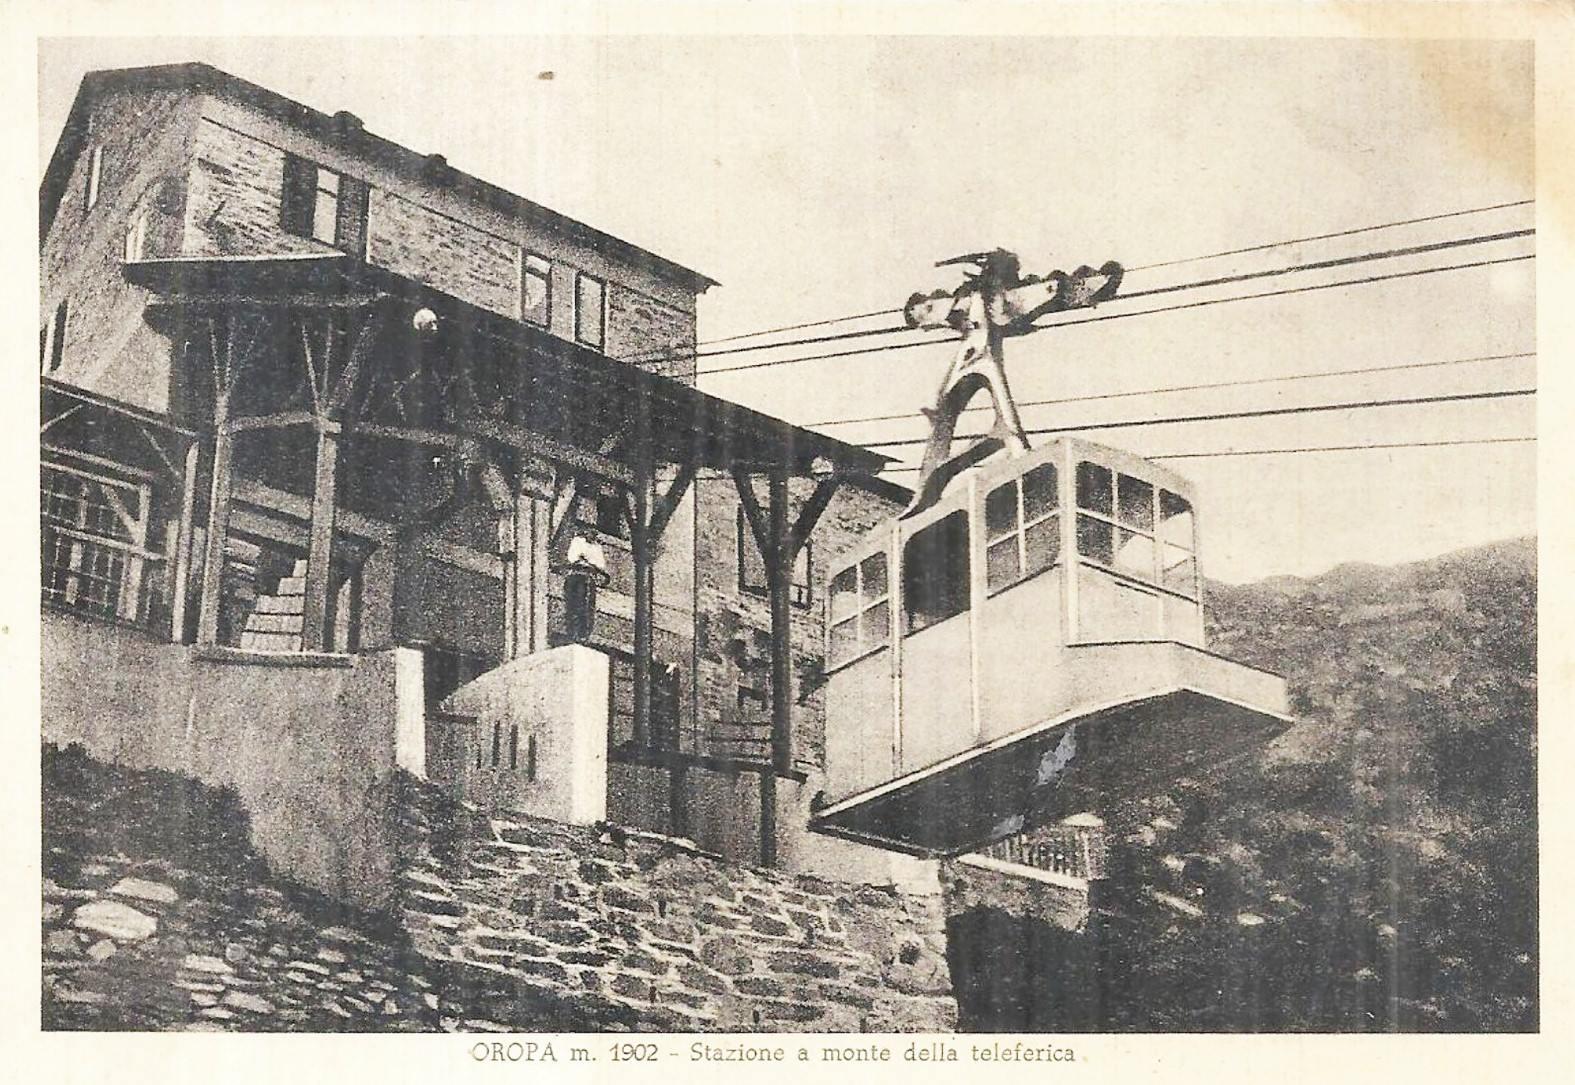 Oropa – Stazione a monte della teleferica – 1949